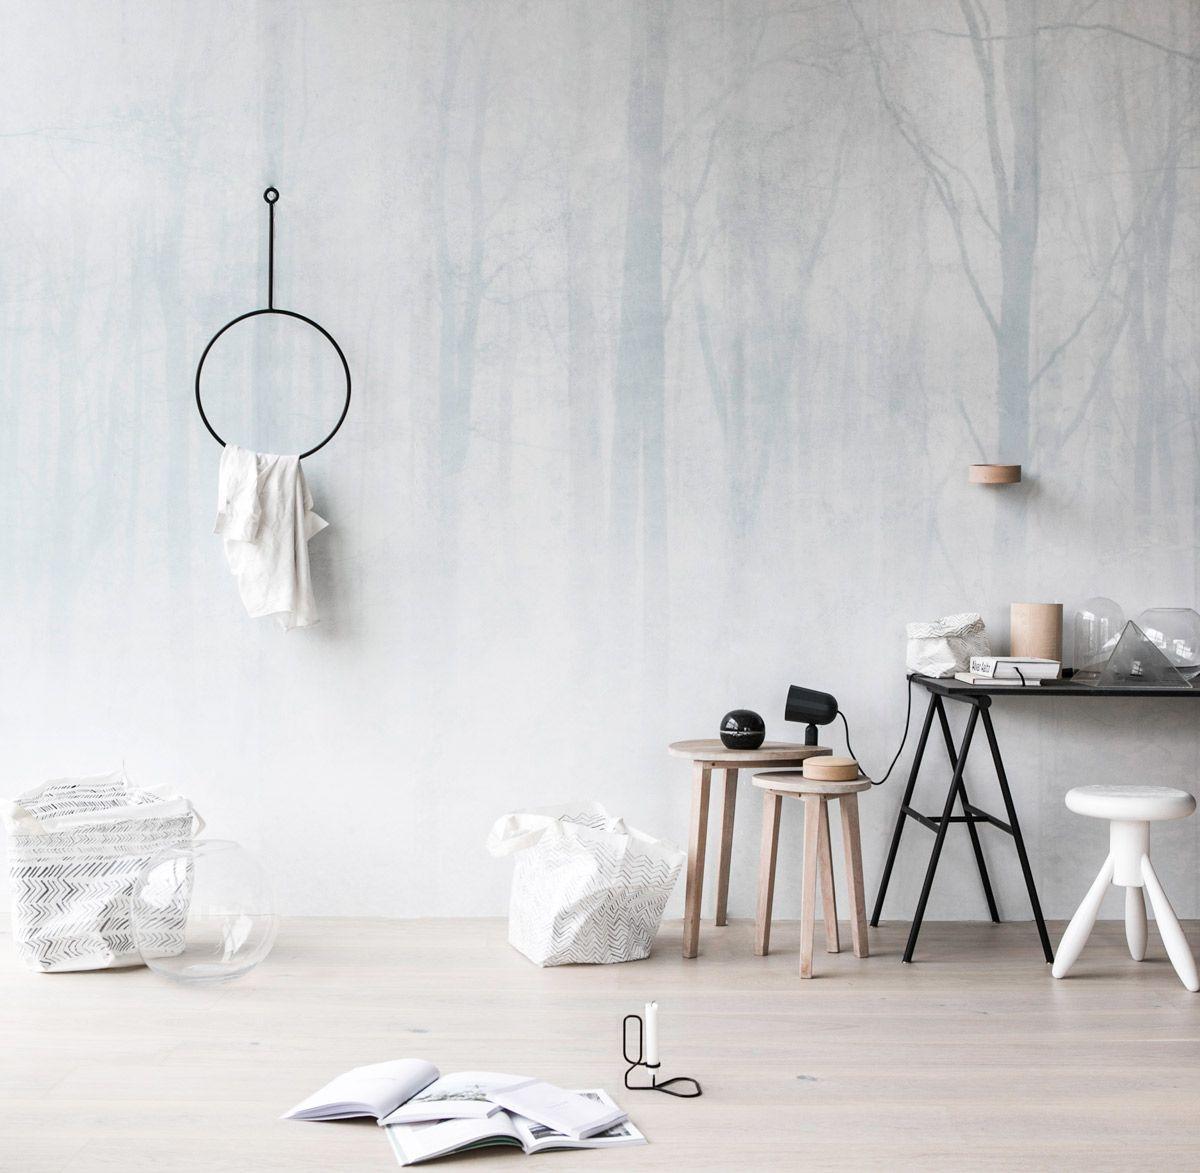 Wald im Nebel: Wandbild von Vinterskog von Sandberg #skandinavisch #schlafzimmer #tapete